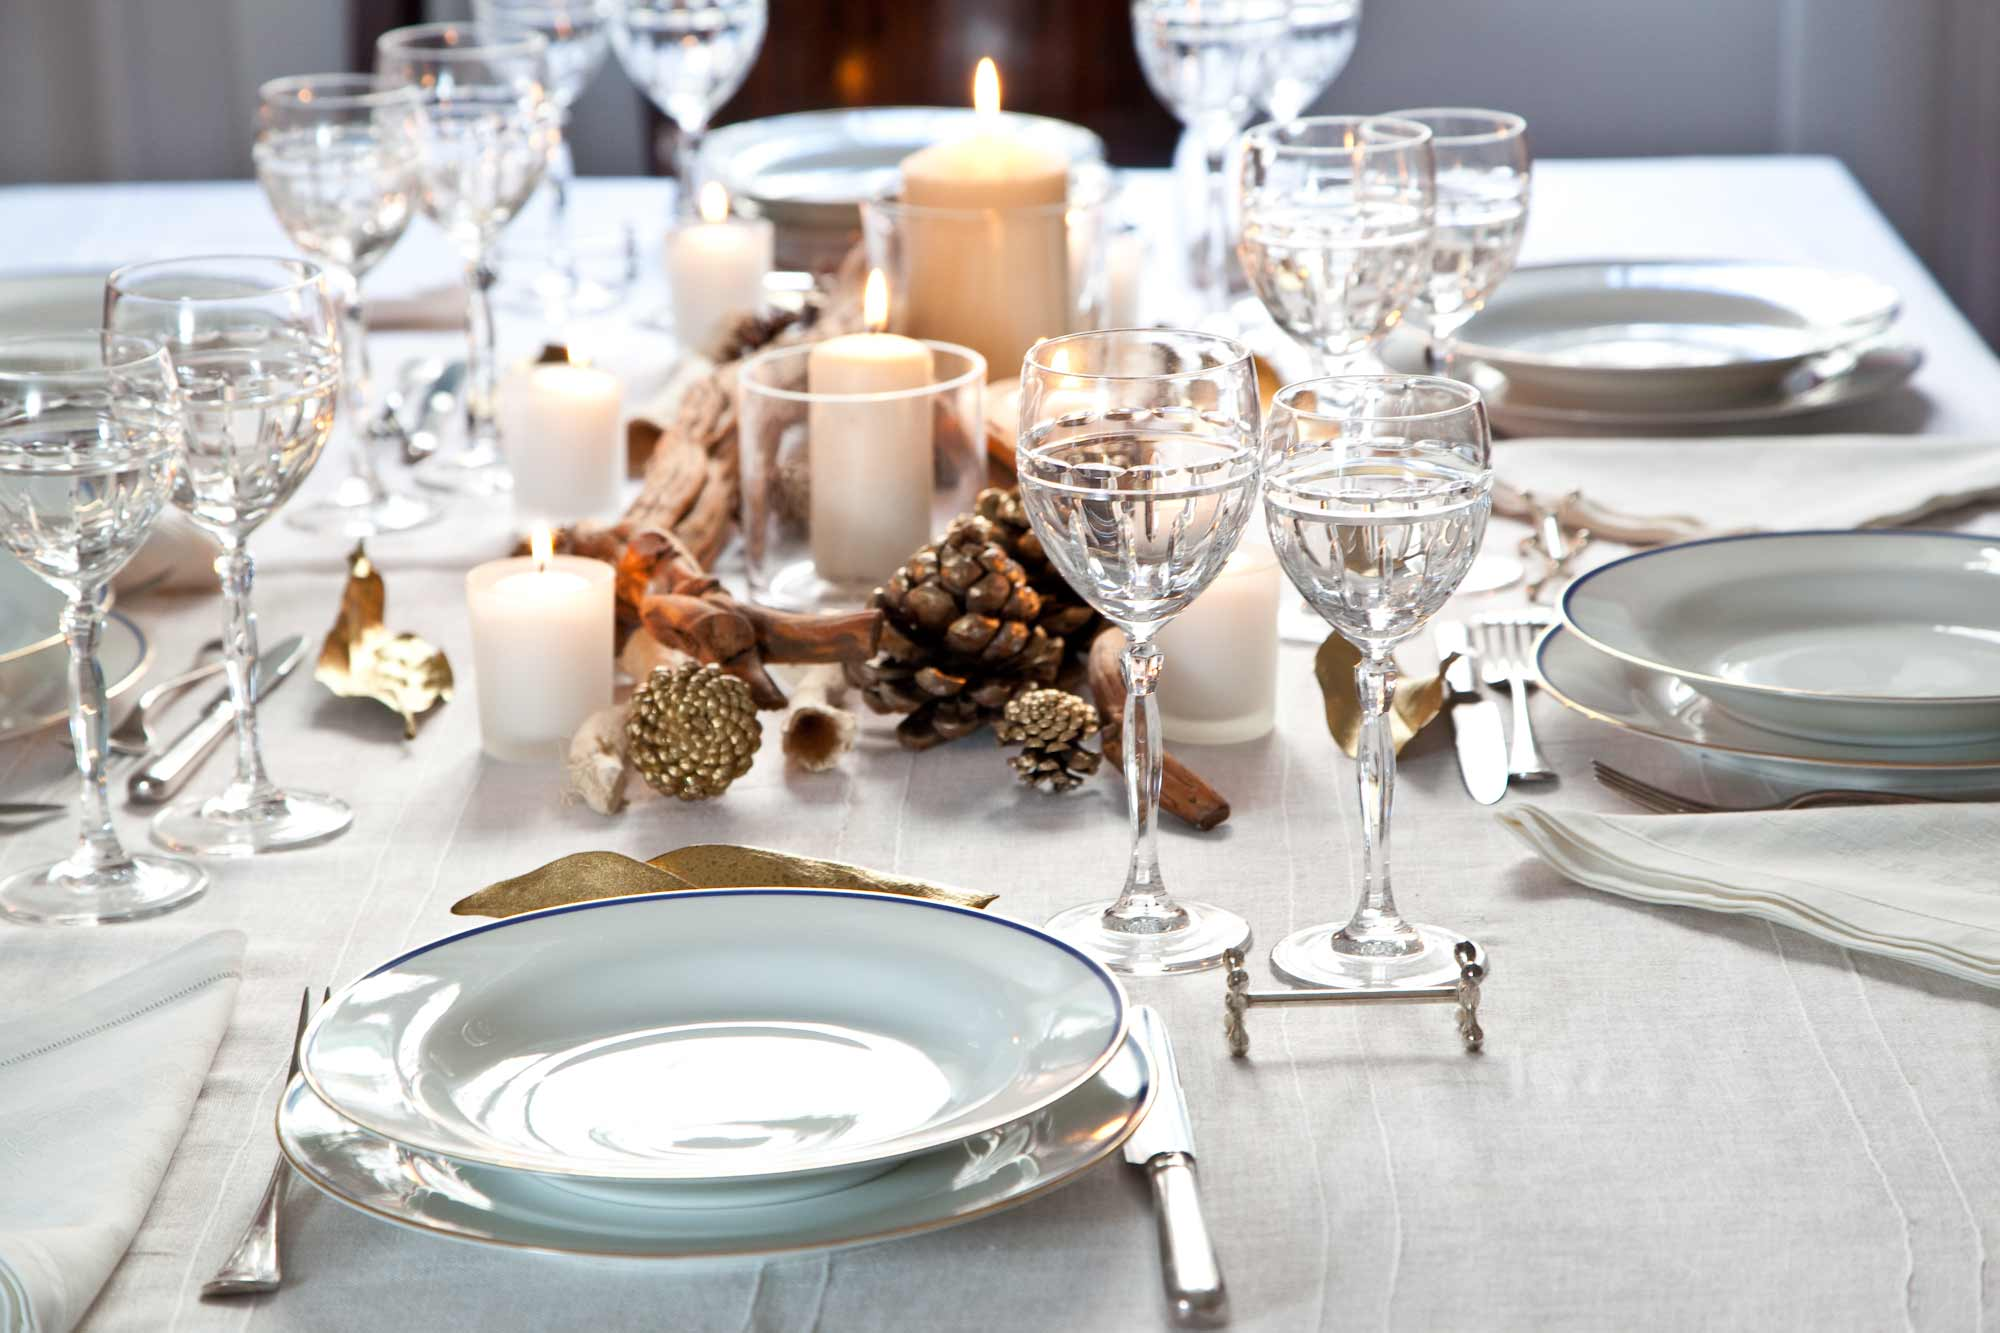 tavola-apparecchiata-natale-bianco-oro-candele